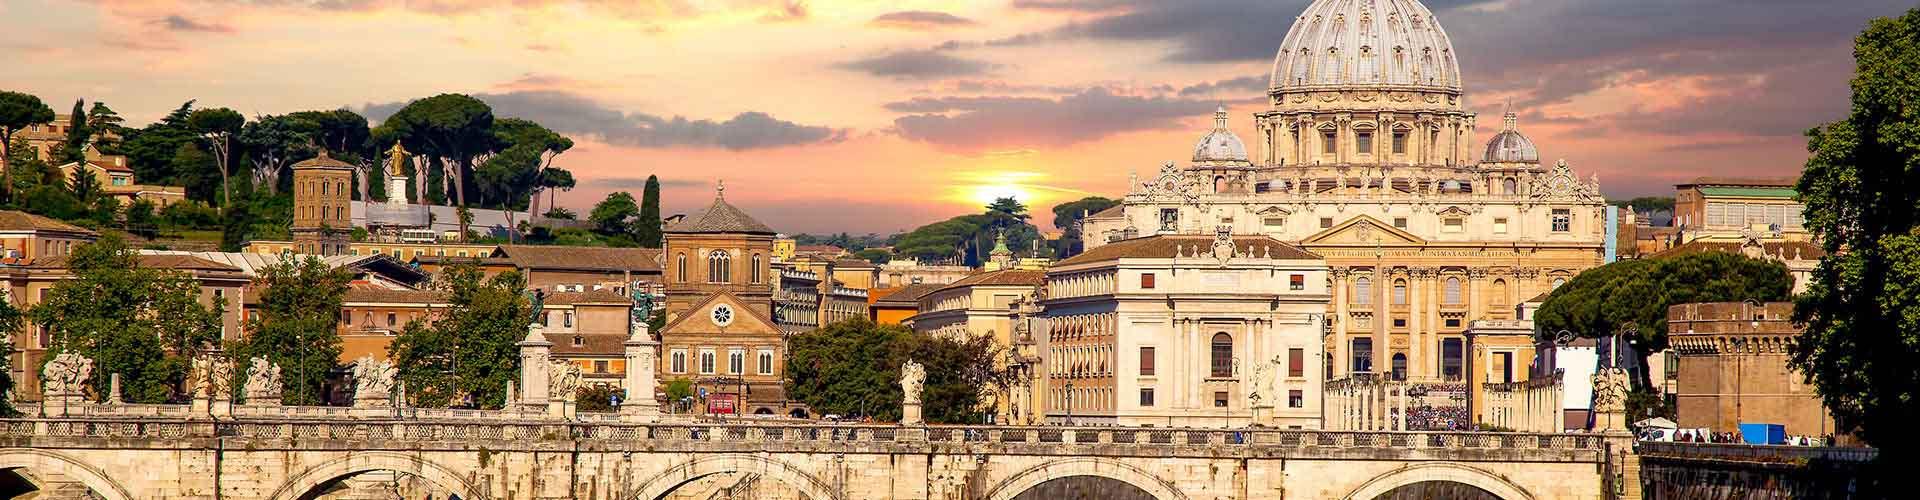 로마 - 로마에 있는 호스텔. 로마의 지도, 로마에 위치한 호스텔 사진 및 후기 정보.